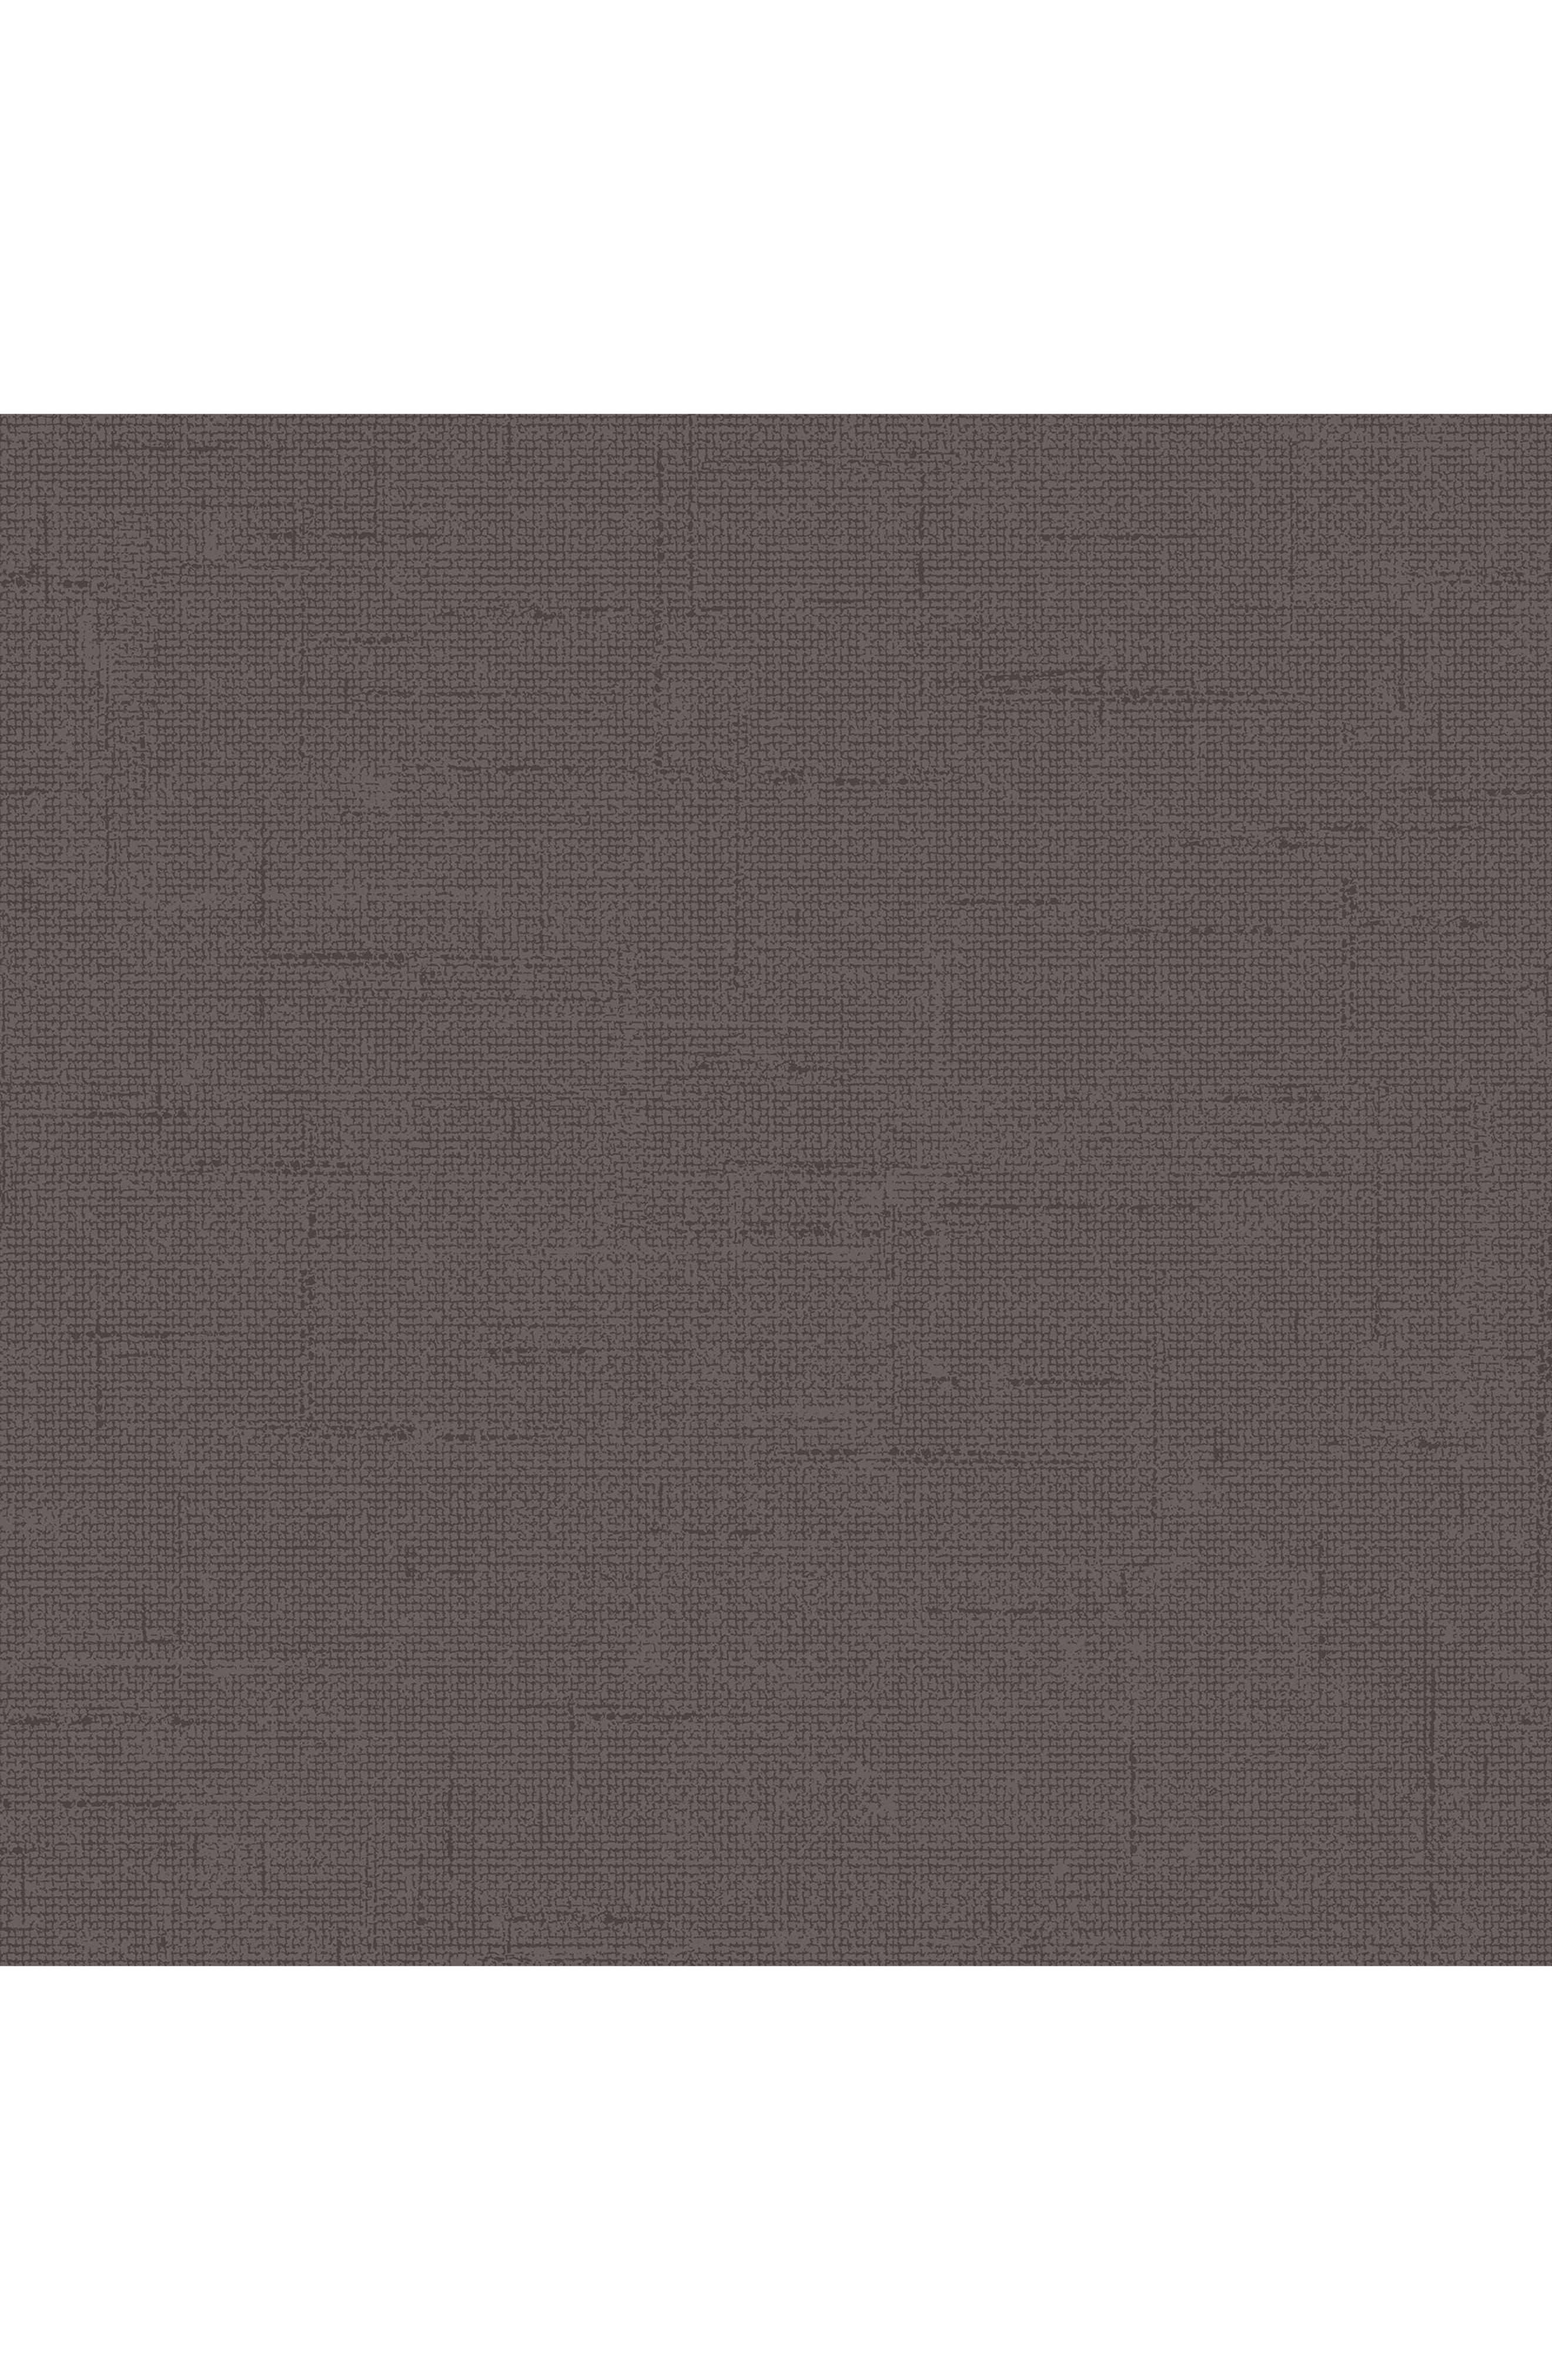 Burlap Self-Adhesive Vinyl Wallpaper,                         Main,                         color, 020